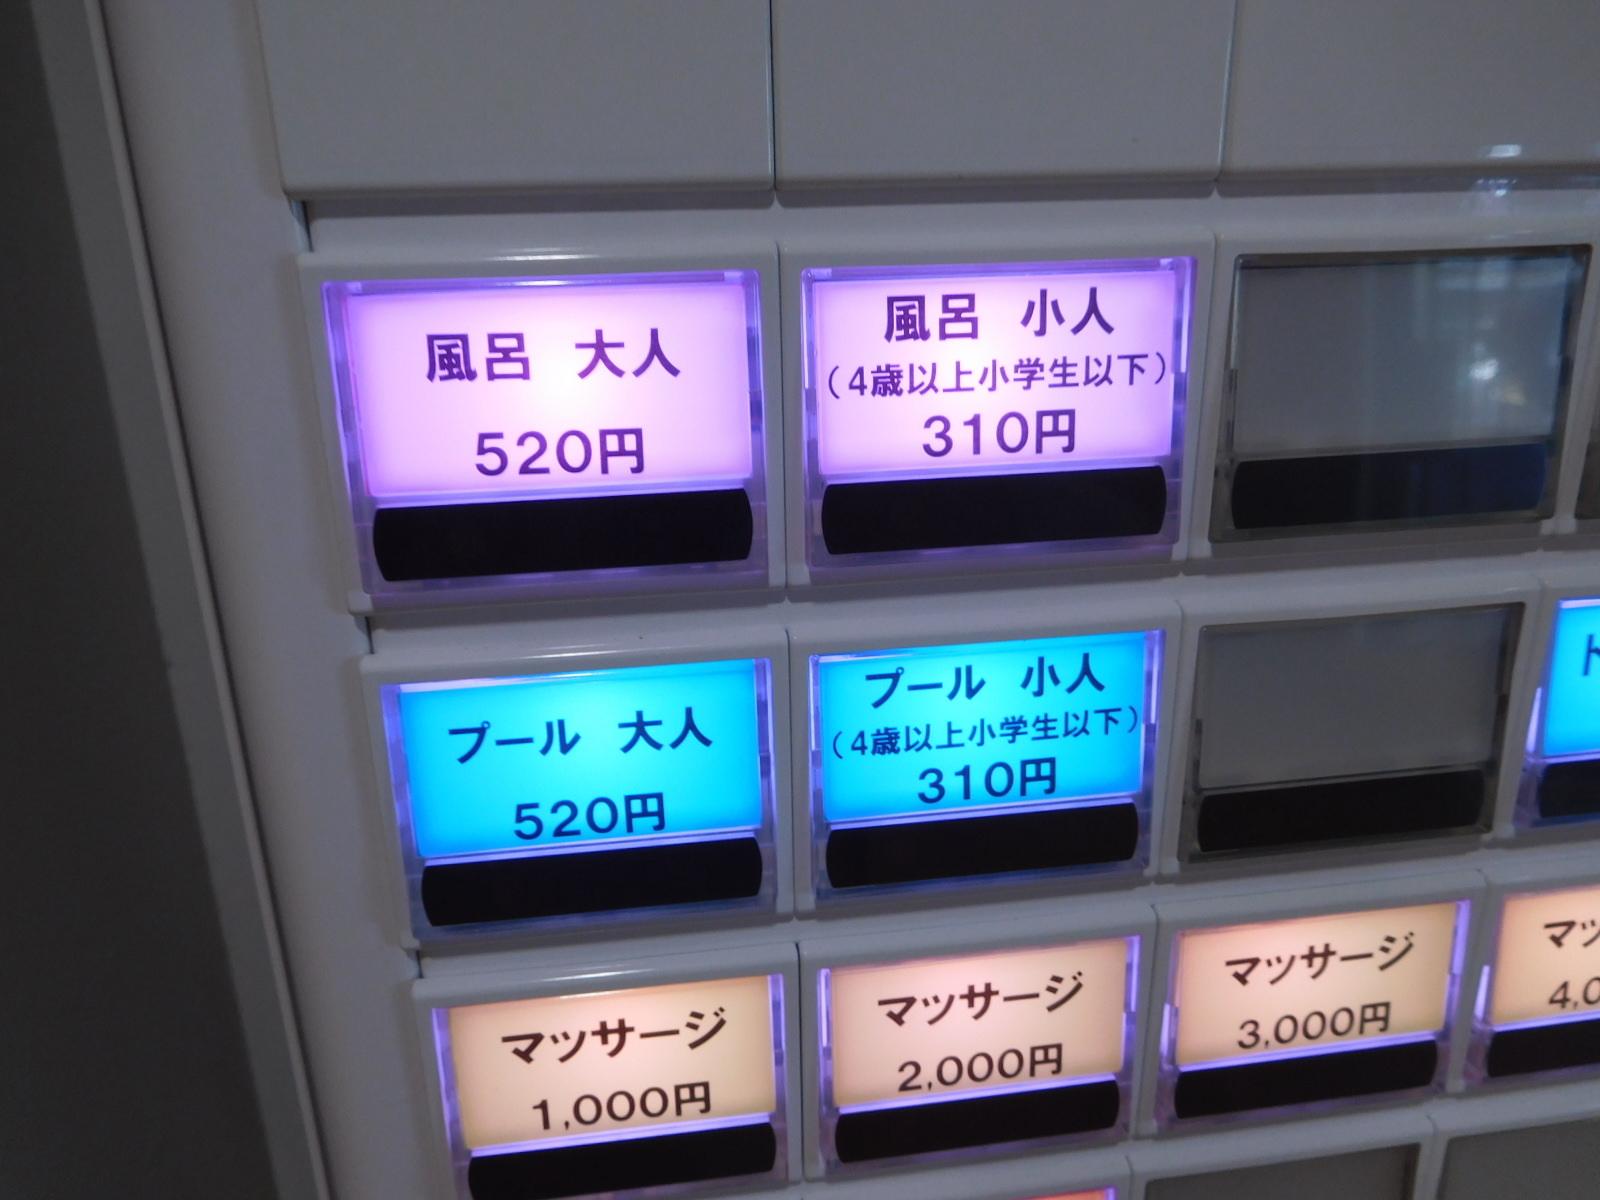 DSCN9422.jpg